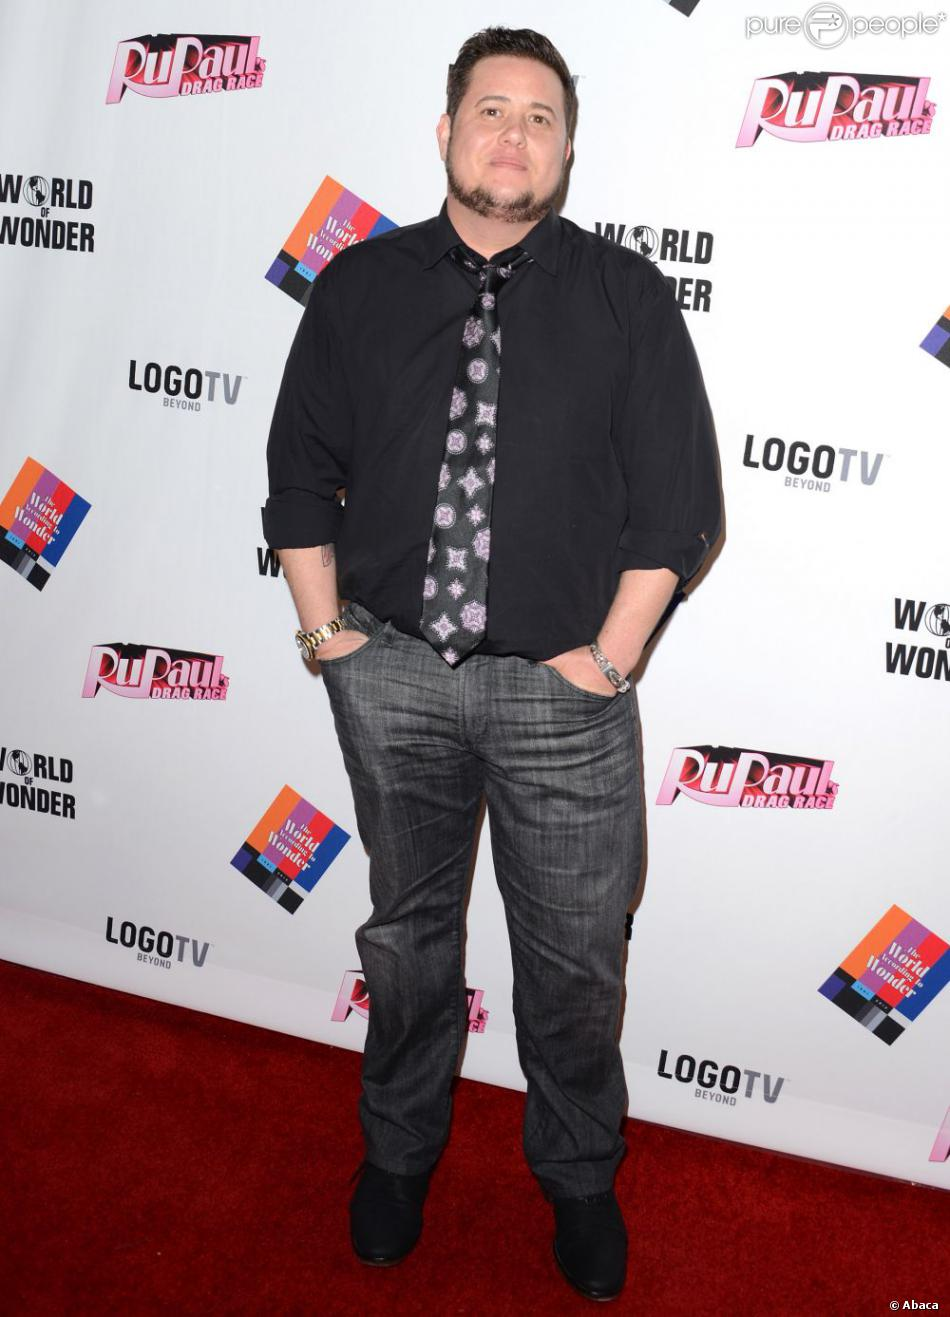 Chaz Bono à la soirée de RuPaul au El Portal Theatre de West Hollywood, le 1er mai 2013.